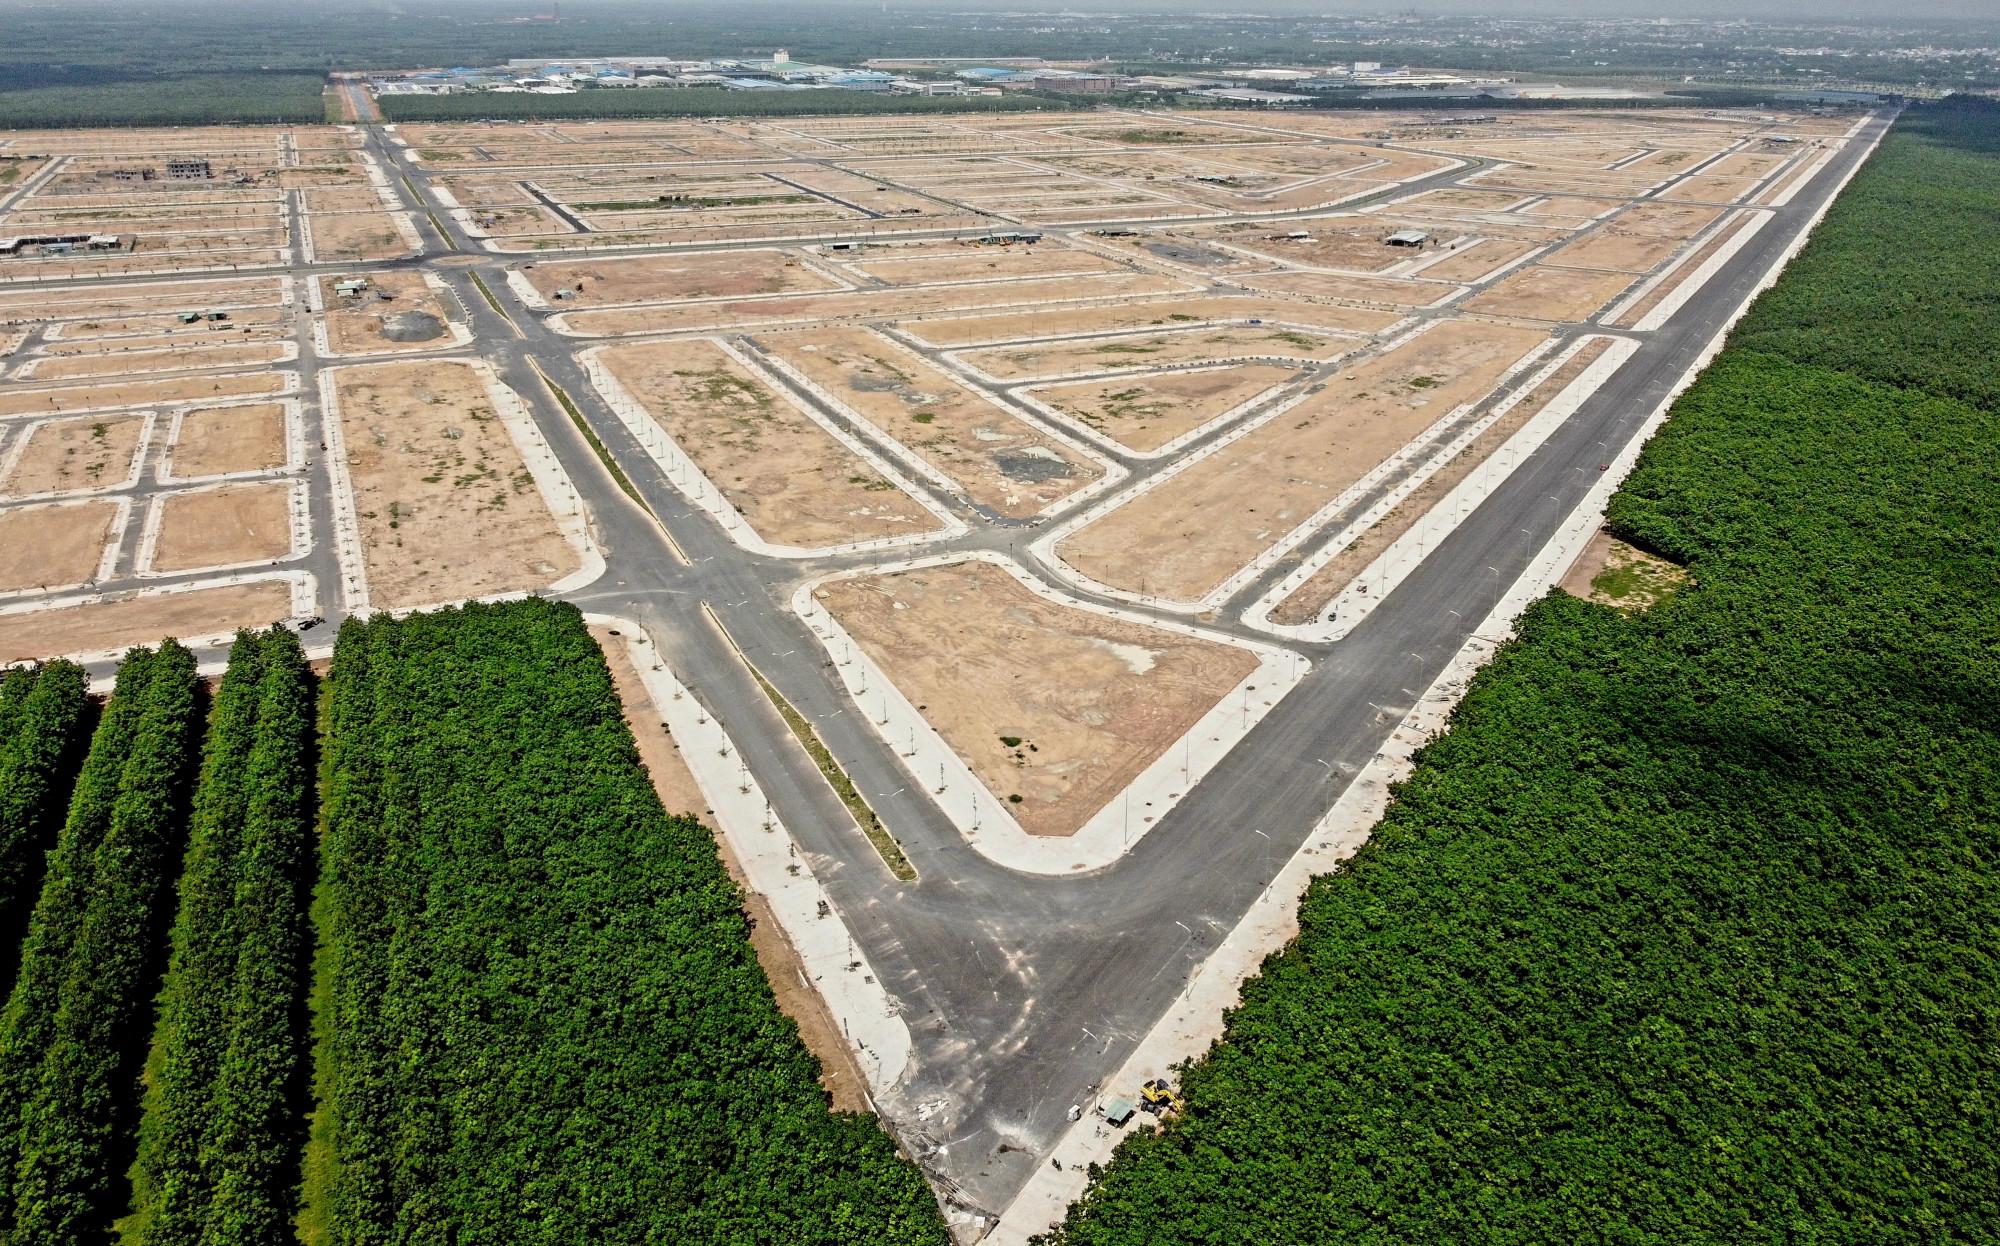 Khu TĐC được khởi công xây dựng từ ngày 20/4/2020, đến nay đã gần như hoàn tất với khoảng 5.000 lô đất TĐC. Dự án sân bay Long Thành có tổng số 5.000ha đất, trong đó có 3.000ha đất của các hộ gia đình, cá nhân. trong số hơn 5.500 hộ gia đình, cá nhân có đất bị thu hồi làm dự án sân bay Long Thành có hơn 4.300 hộ gia đình